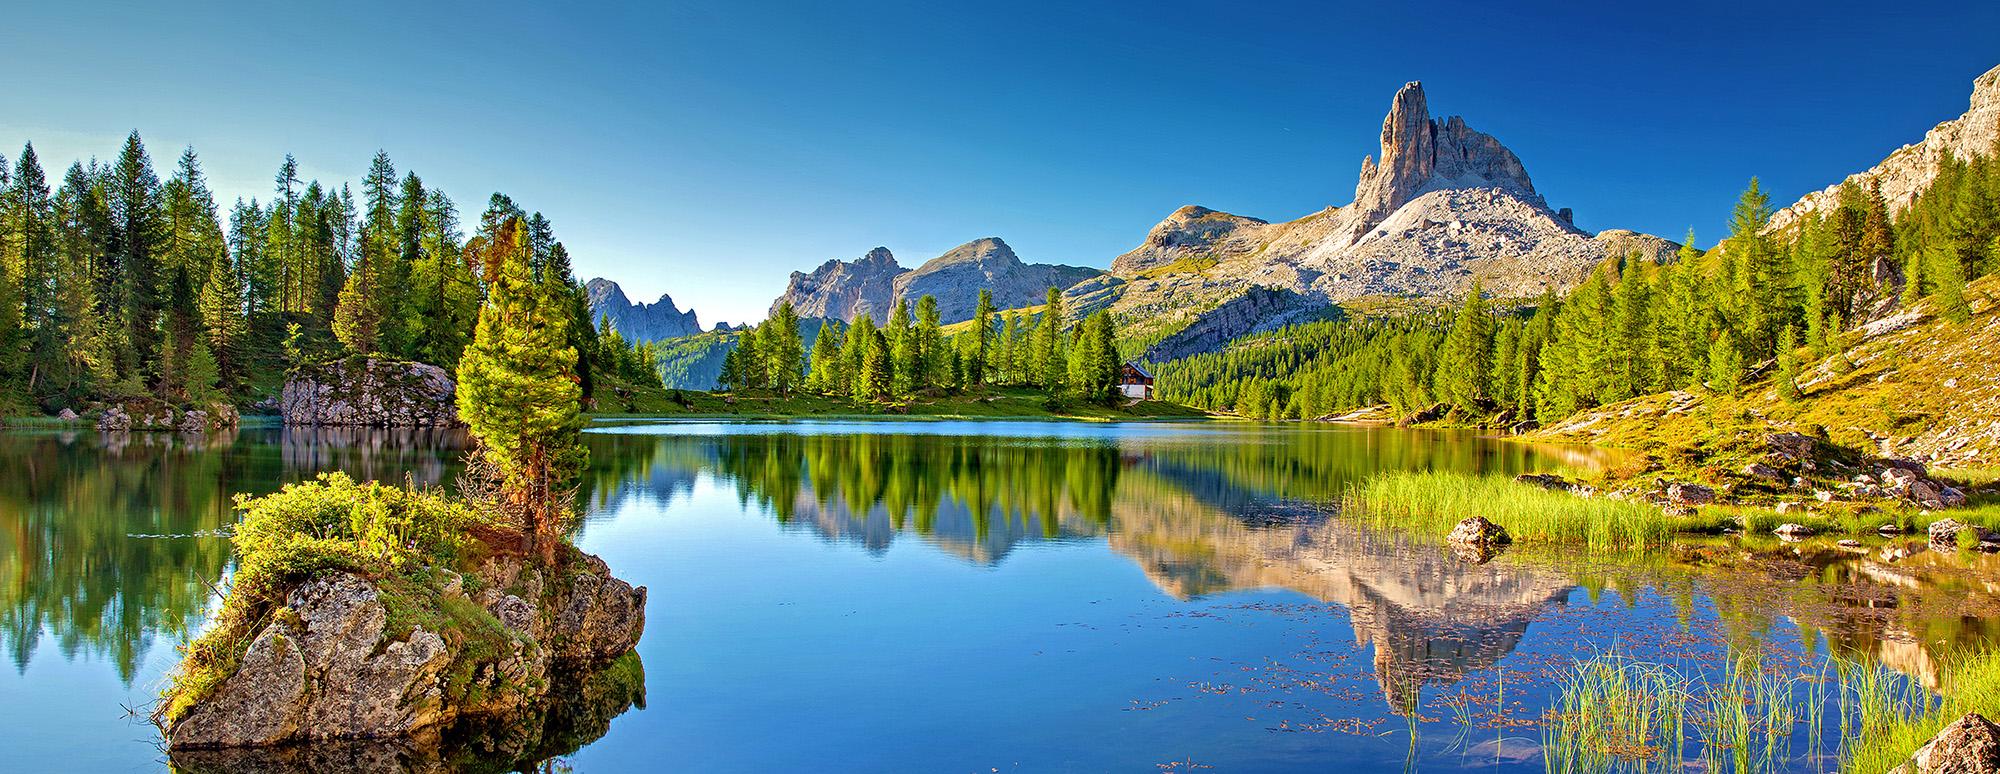 Die schönsten Gruppenhäuser, Chalets und urige Hütten in den Bergen mieten